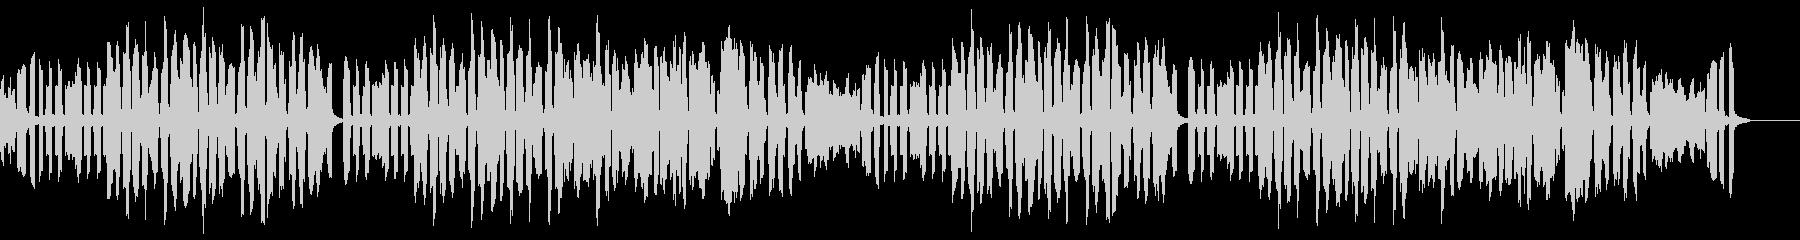 管弦、のんびり、オーボエ、ファゴットの未再生の波形